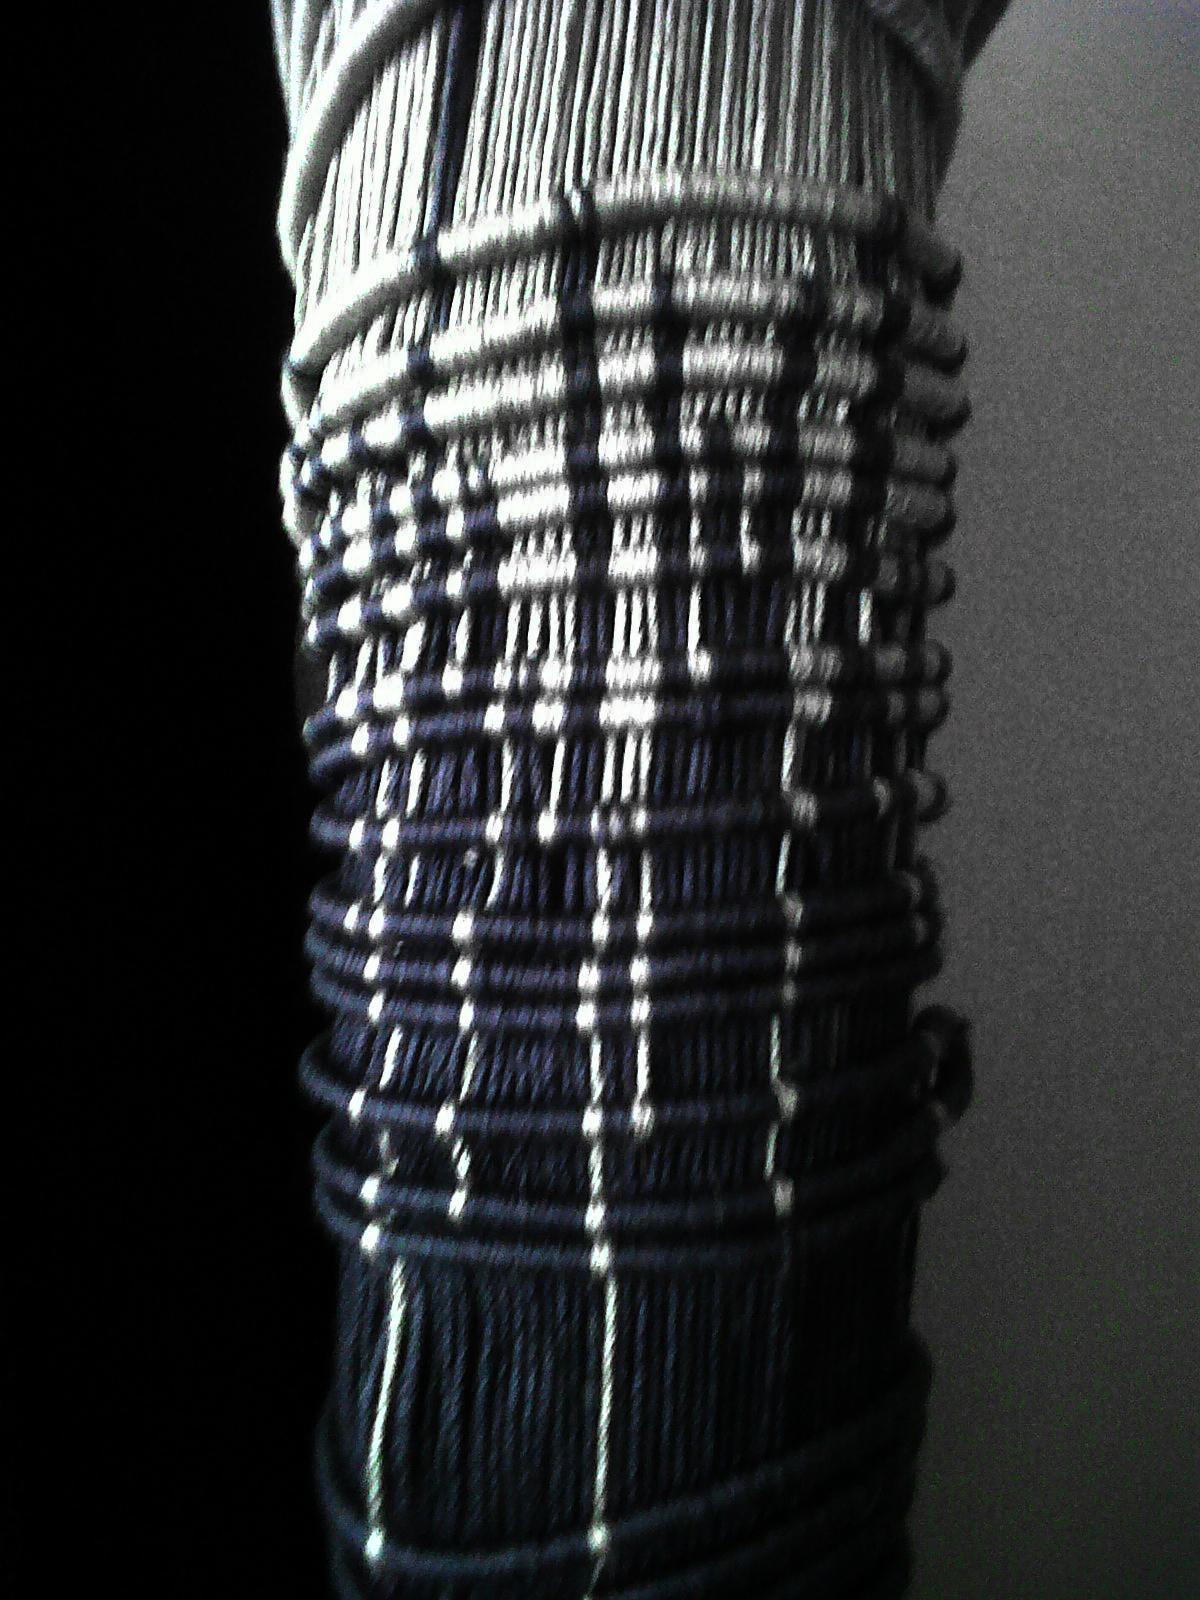 The sleeve of a macramé jacket by Jantine Van Peski